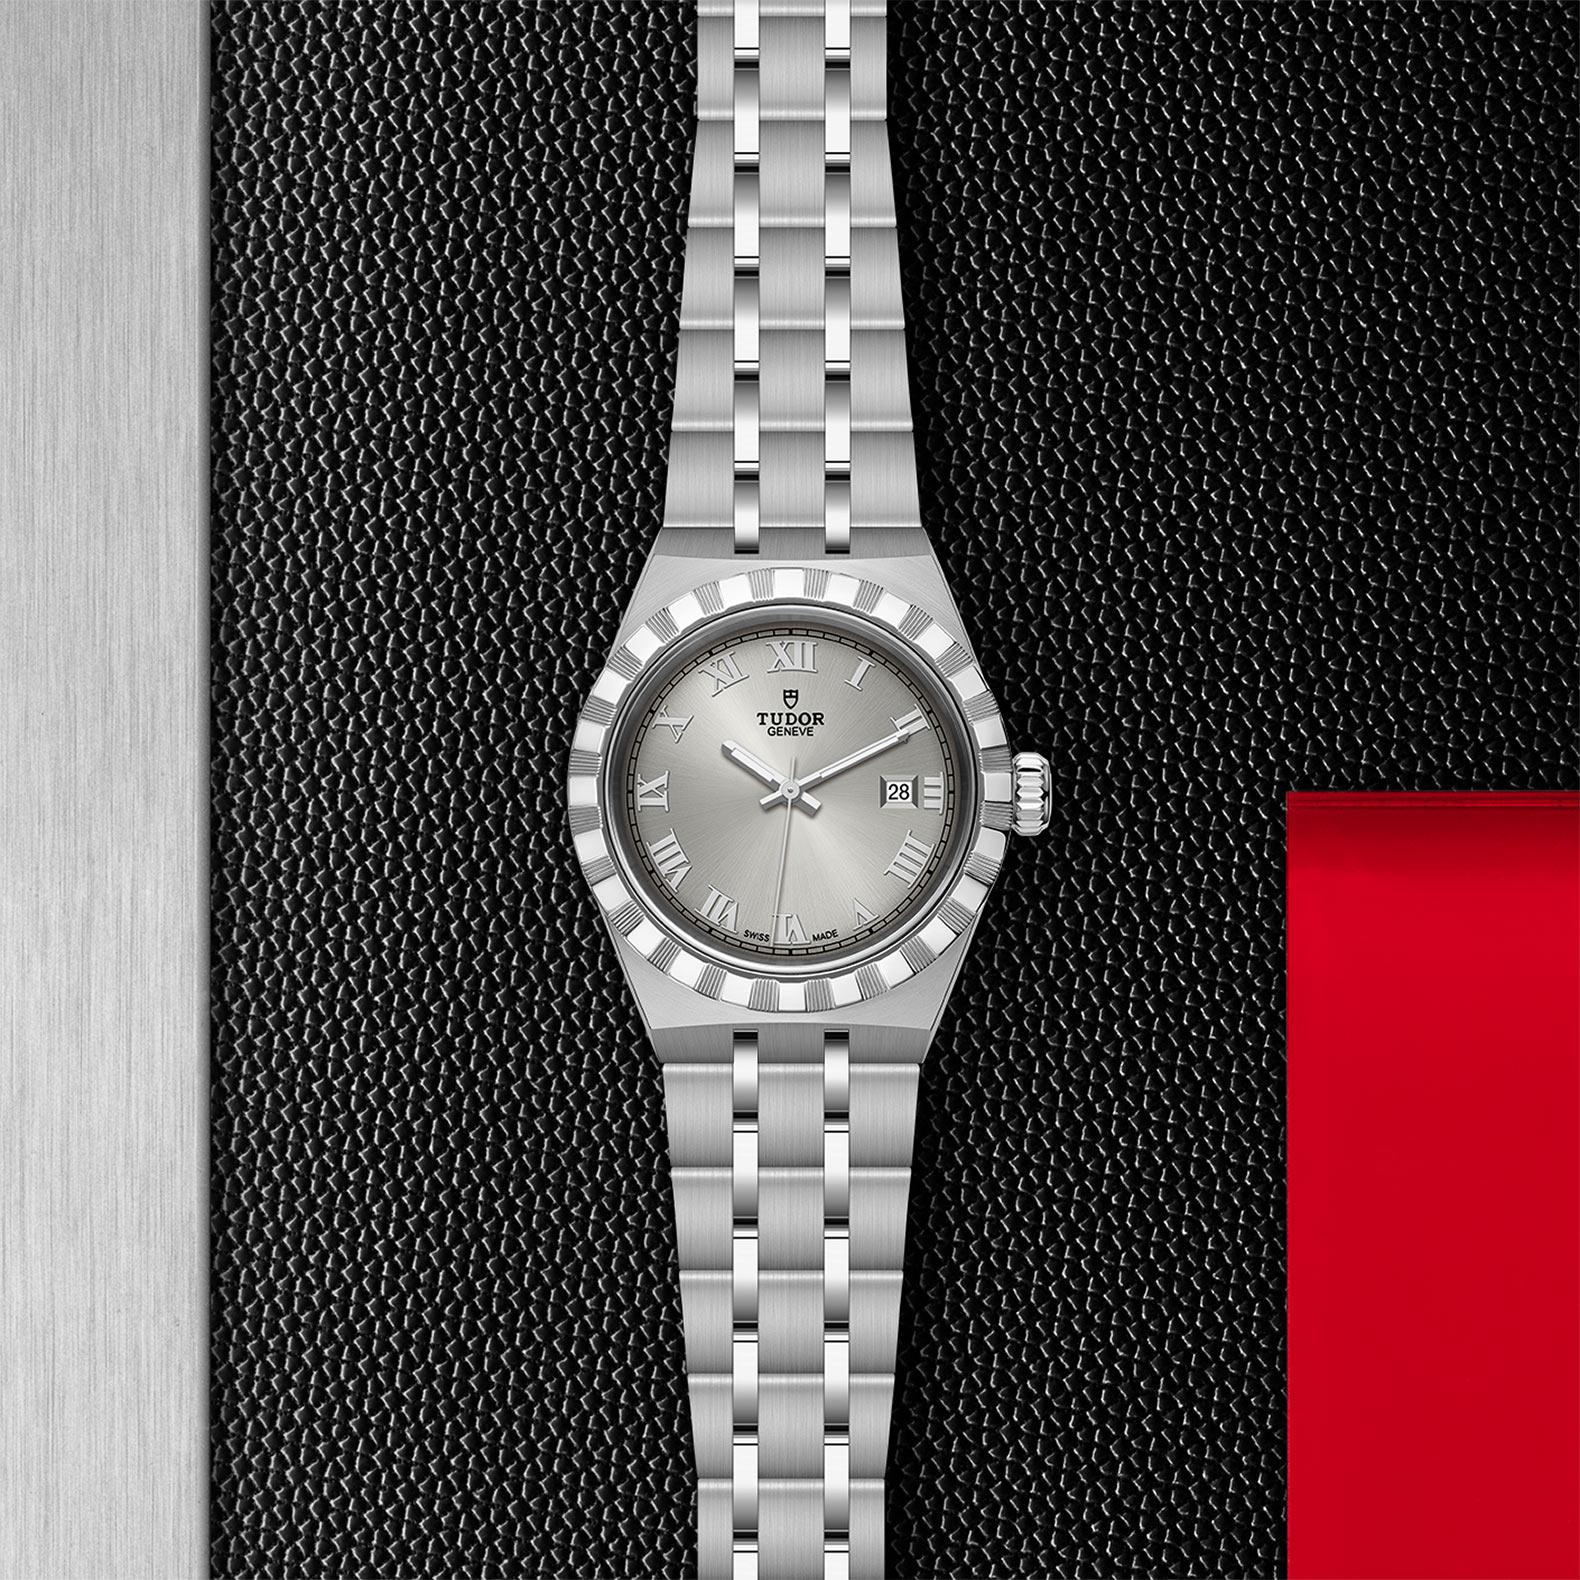 TUDOR Royal - M28300-0001